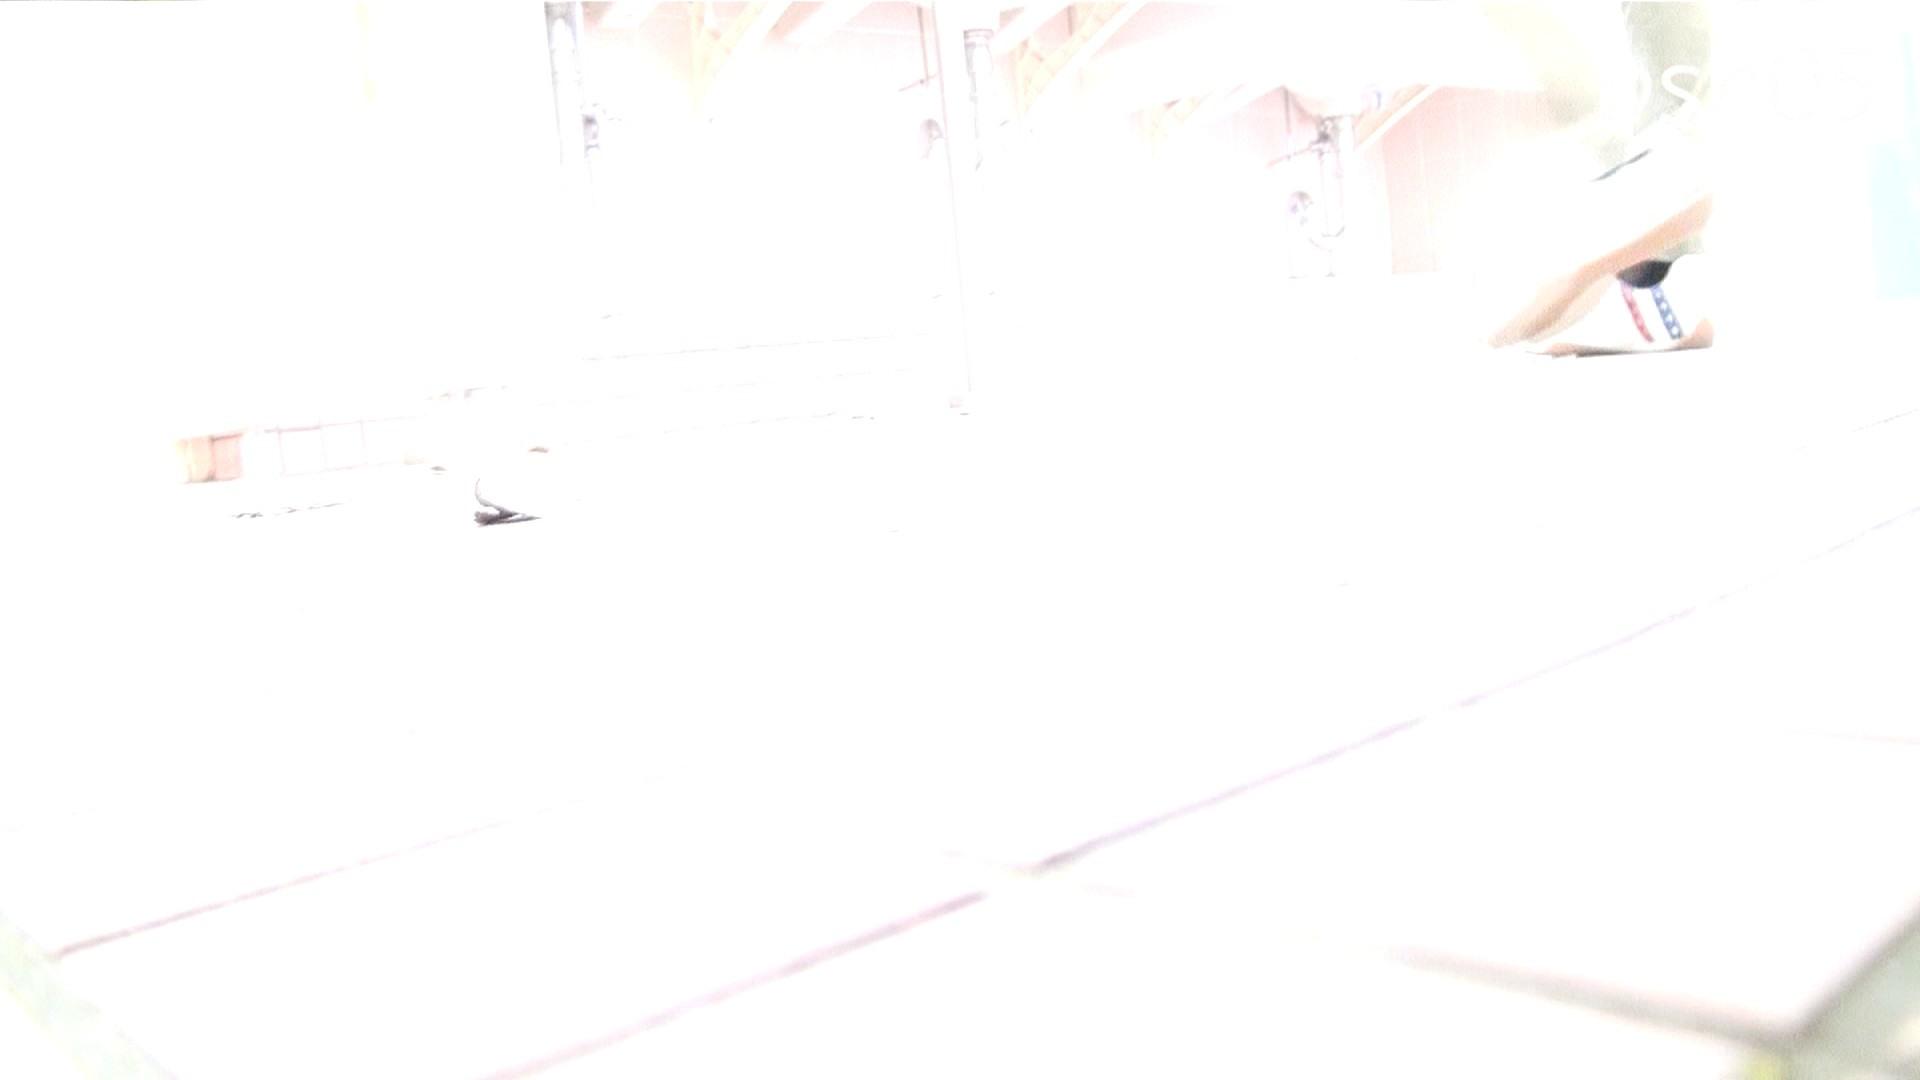 ▲復活限定▲ハイビジョン 盗神伝 Vol.5 お姉さん攻略 われめAV動画紹介 65画像 53